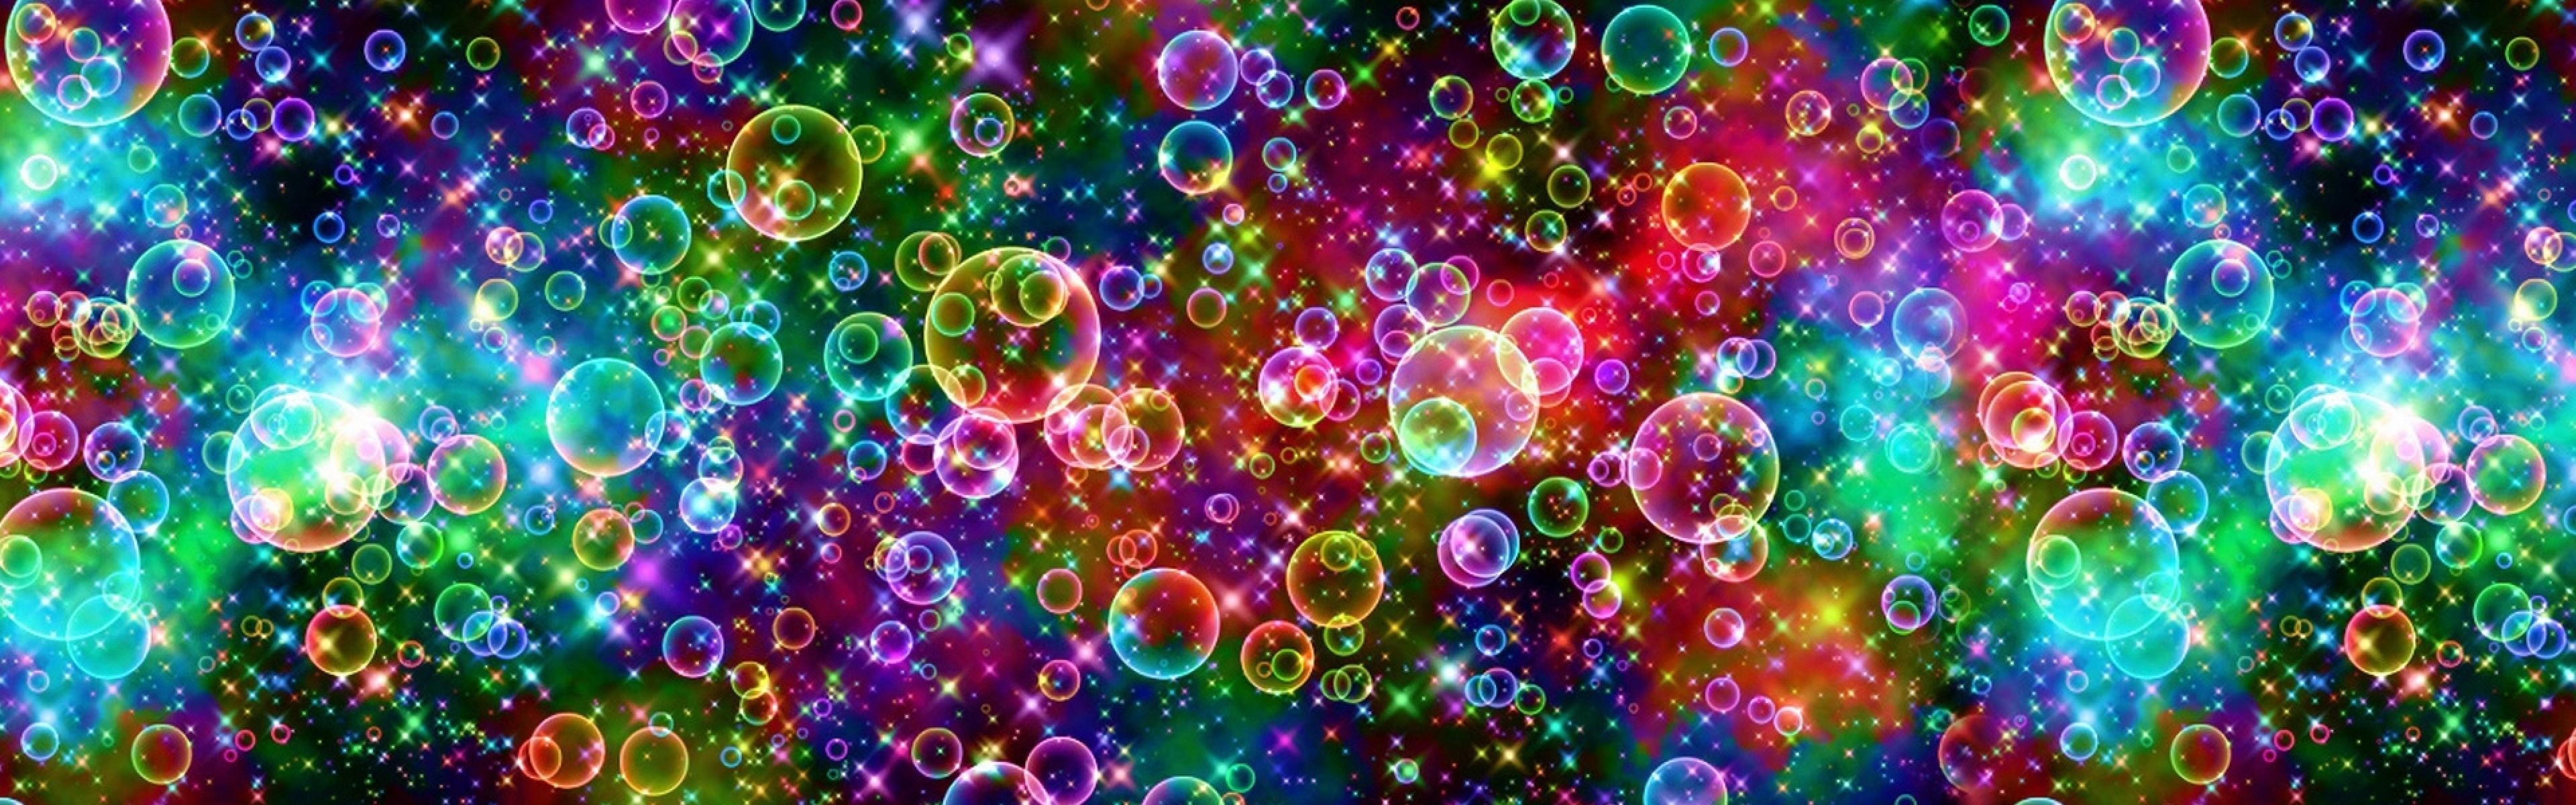 Wallpaper bubbles, colorful, bright